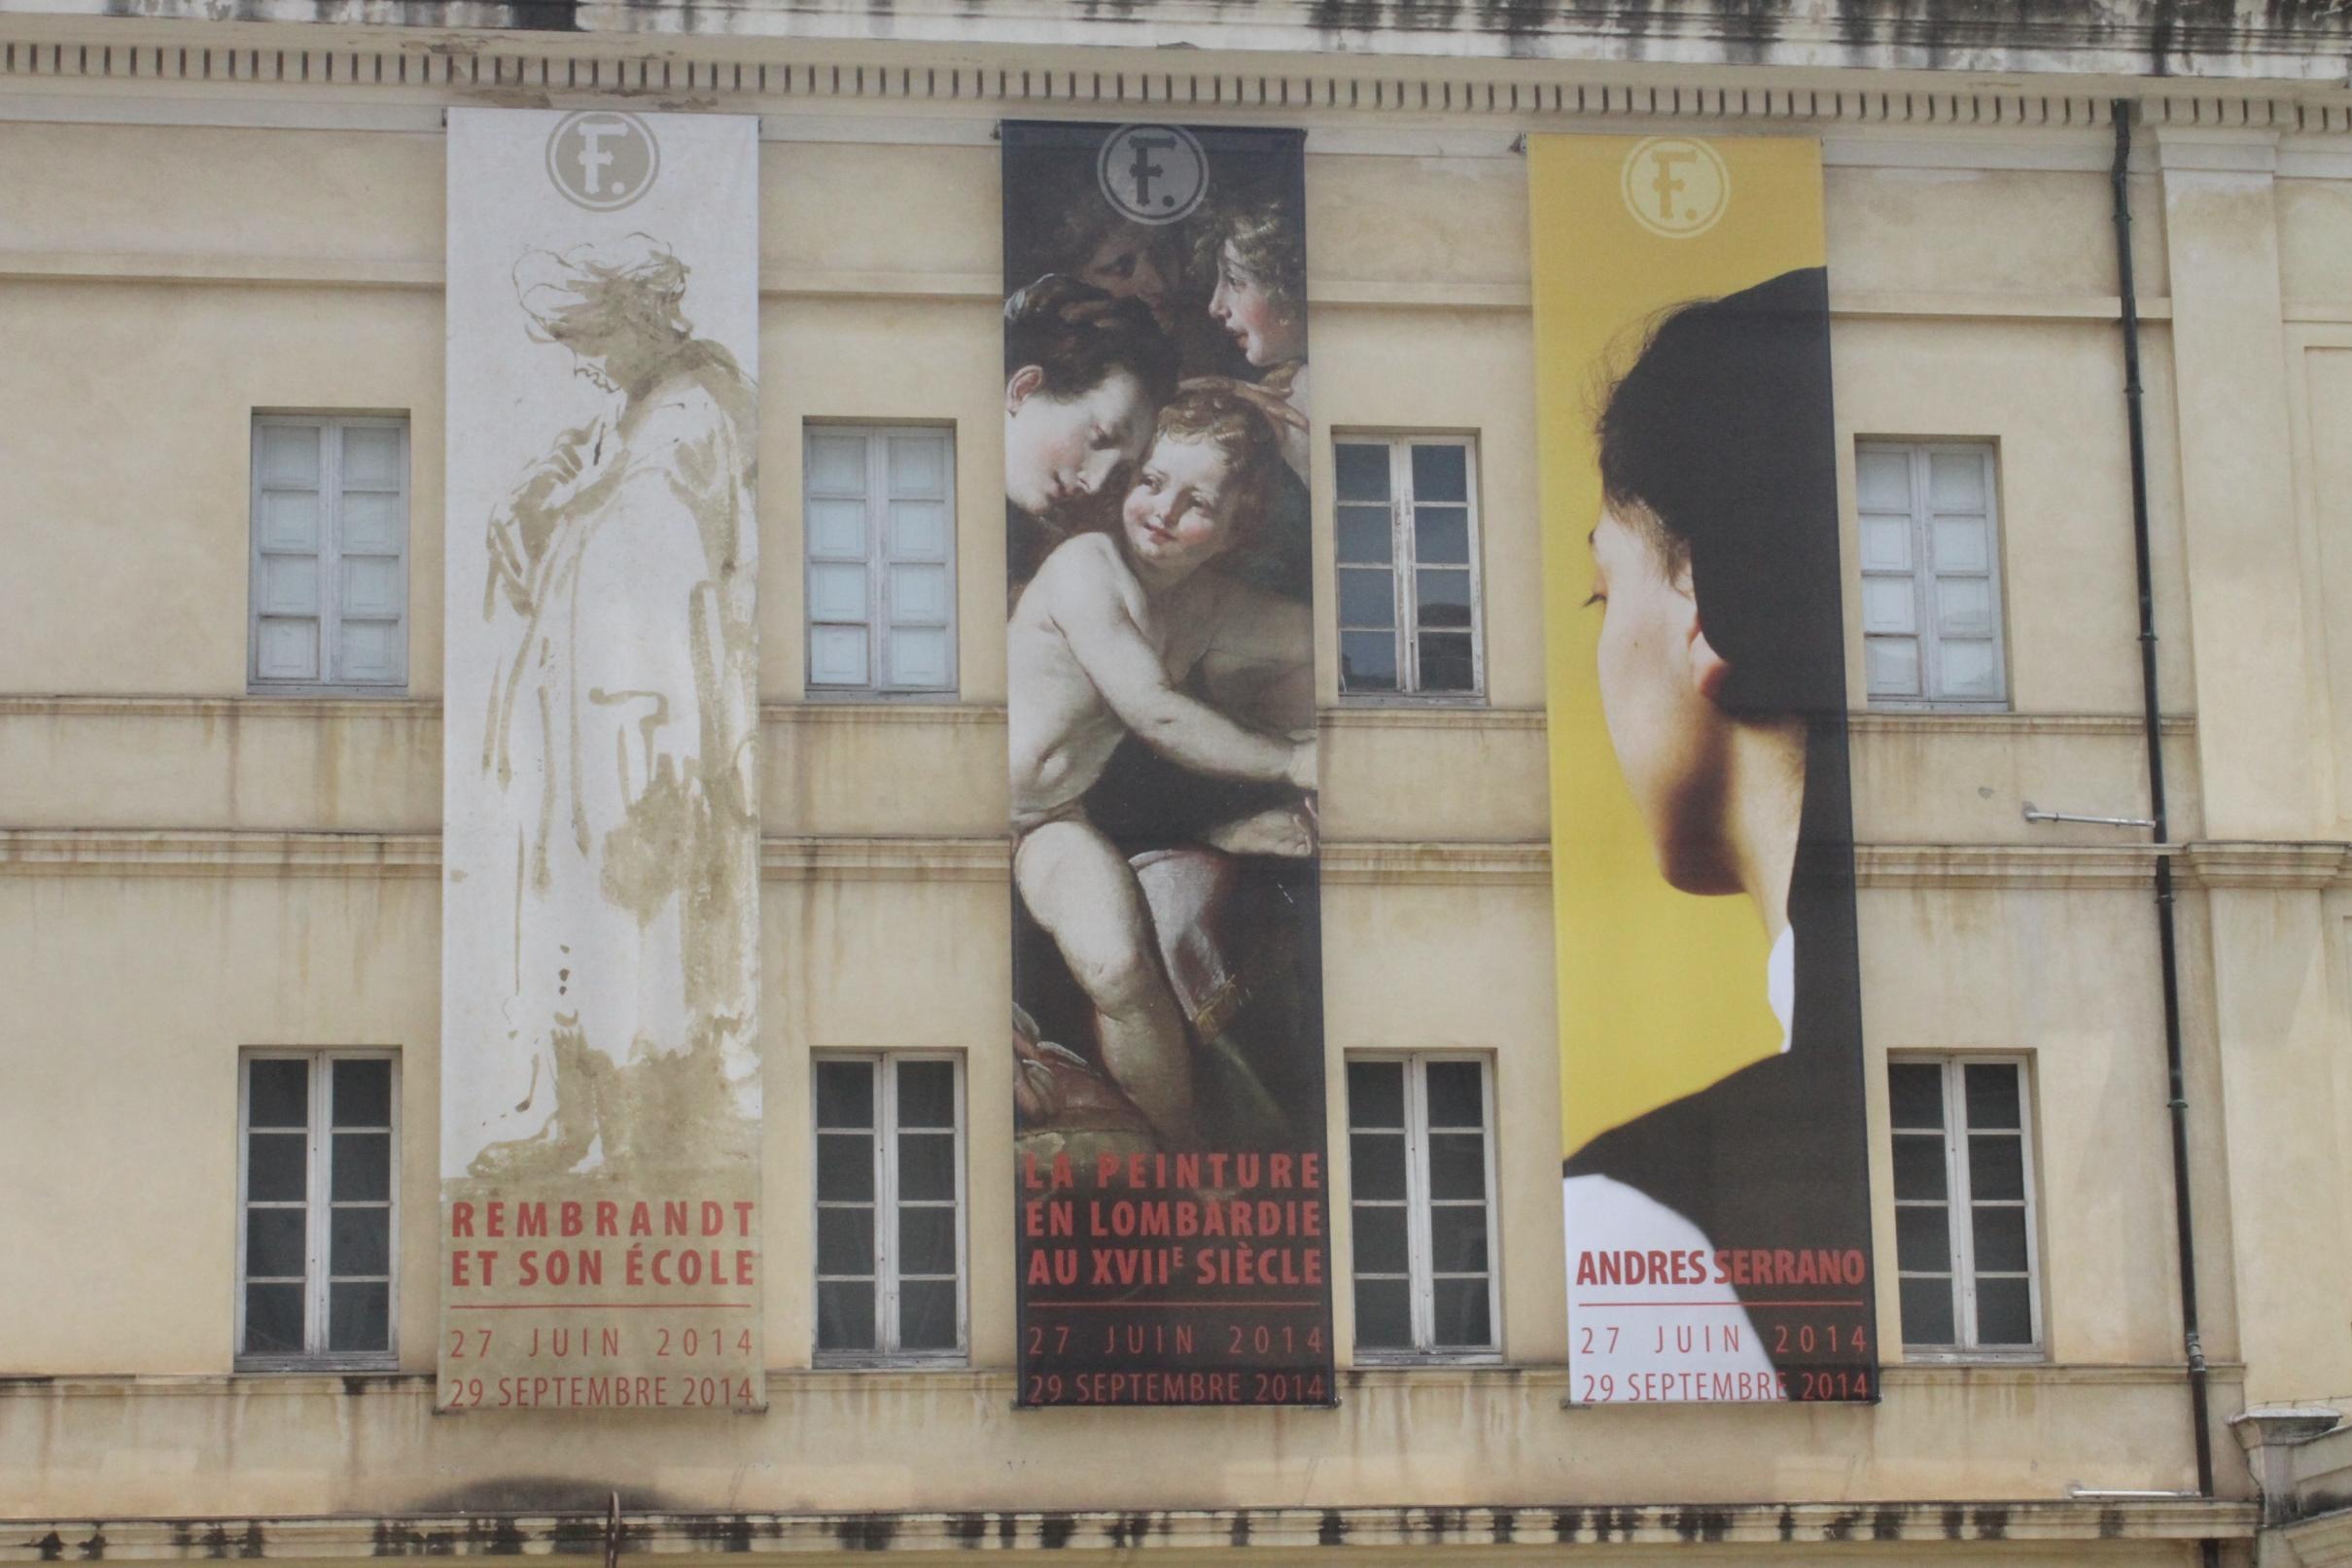 trois expositions temporelles pour l'été 2014